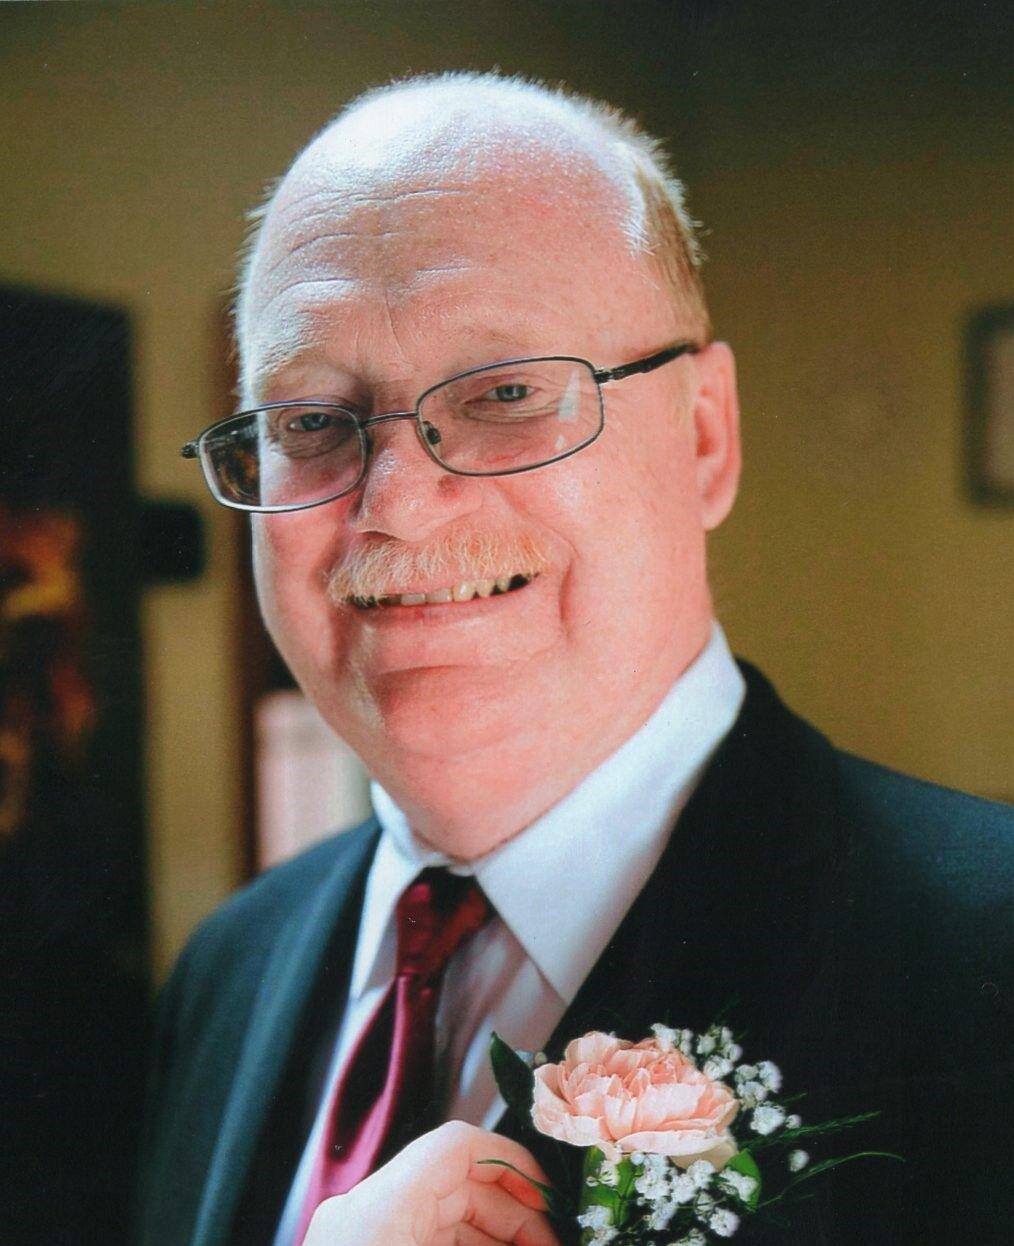 Jeffrey S. Towle